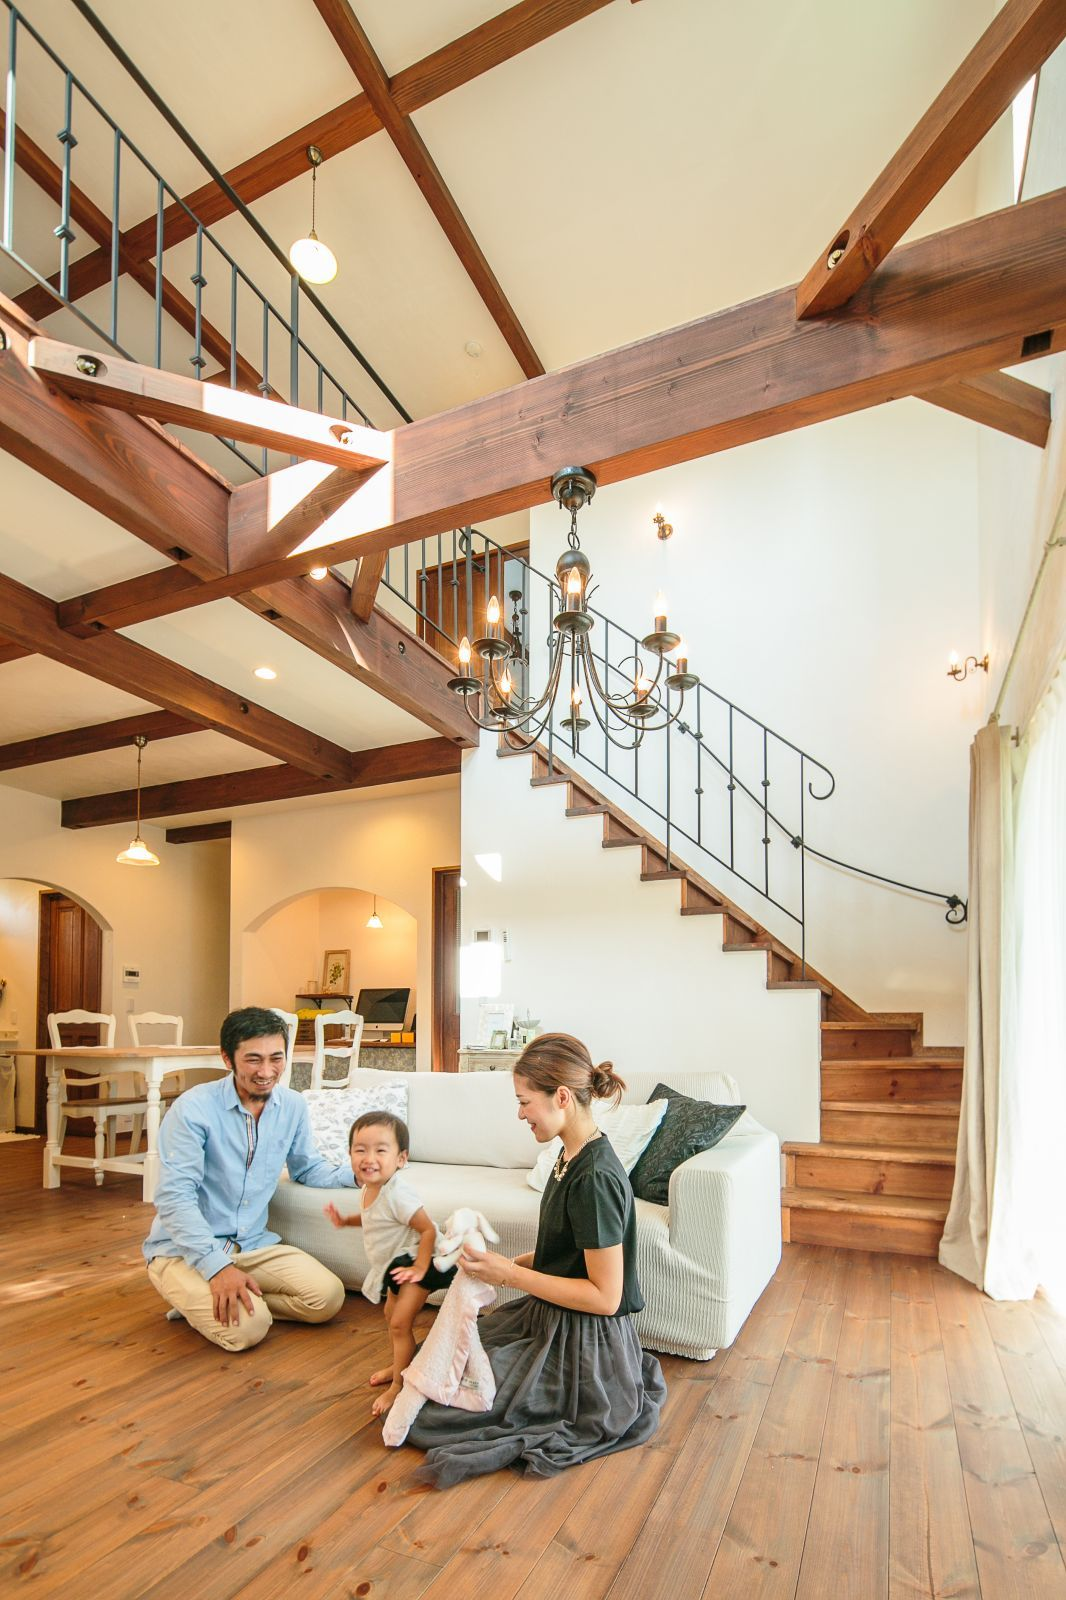 ヨーロピアン アンティーク 自然の素材感が心地よい家 家